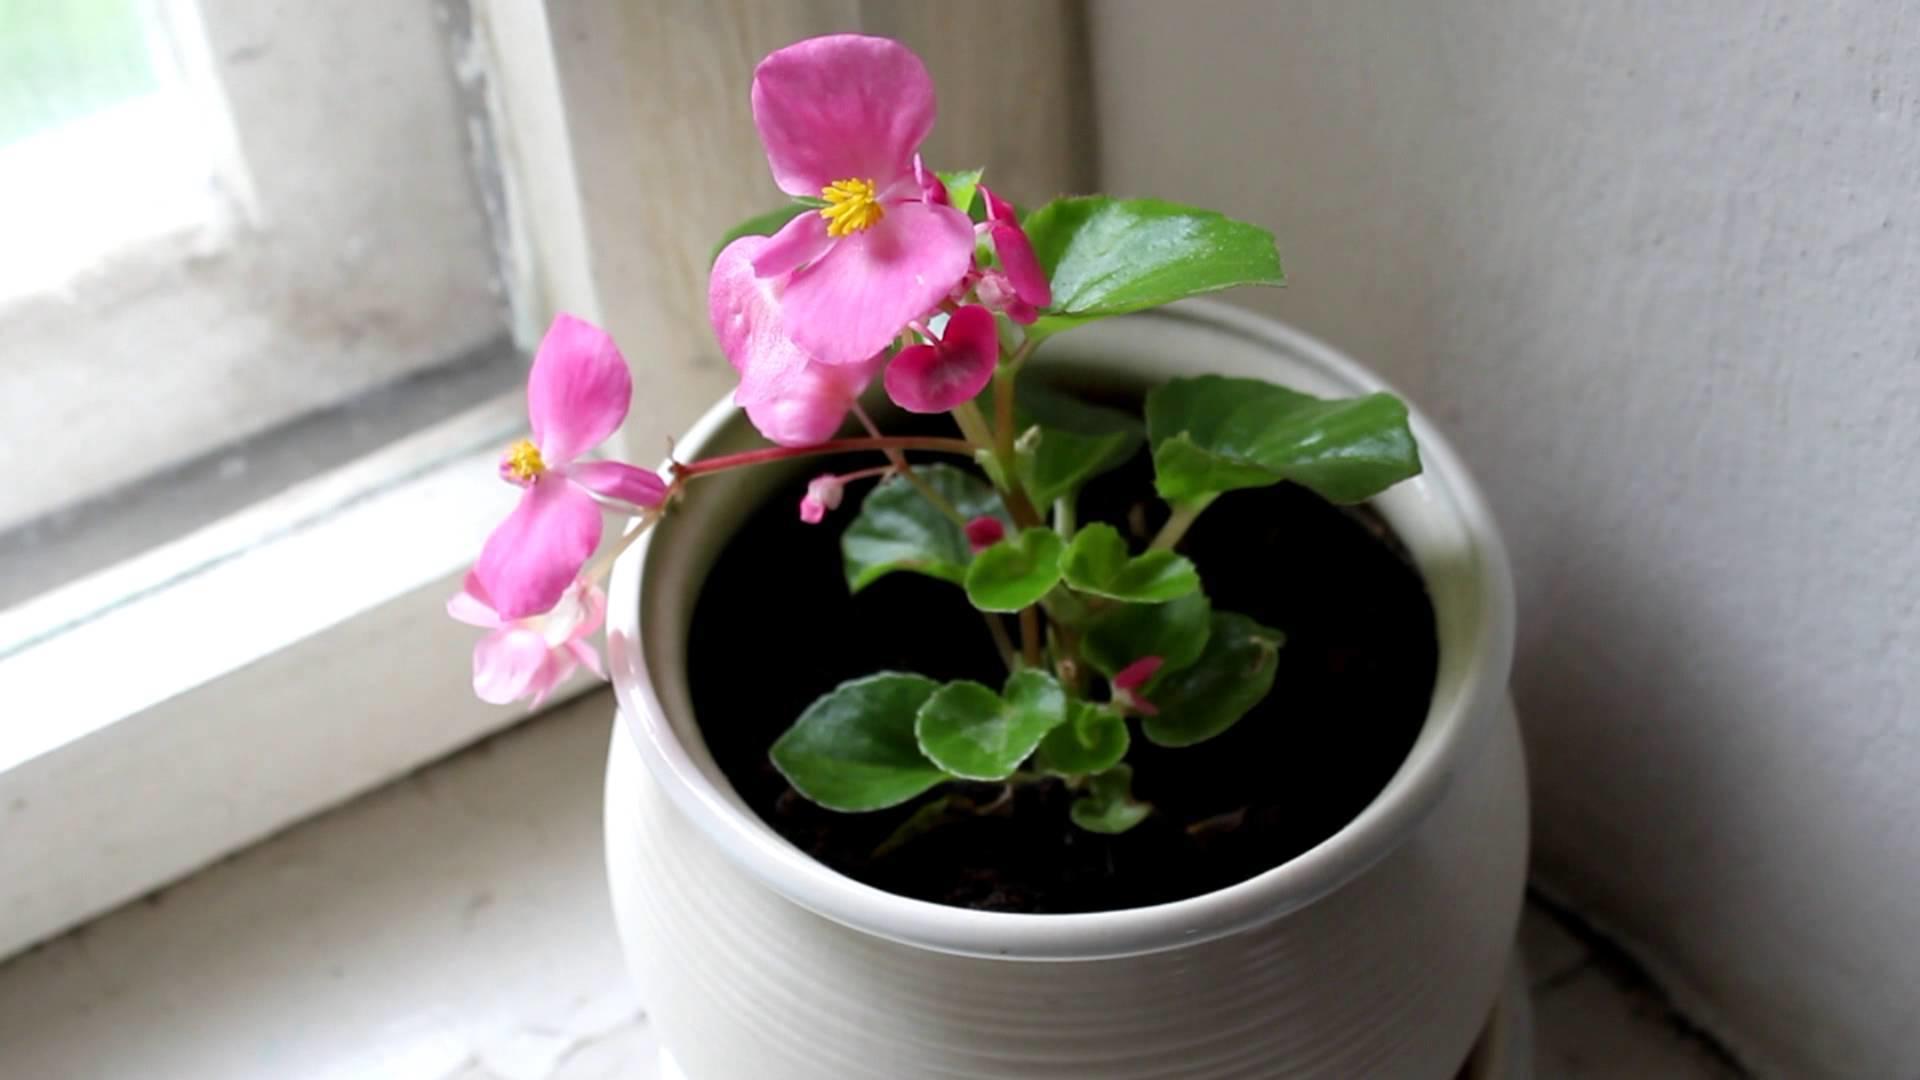 Горшок с цветком на подоконнике